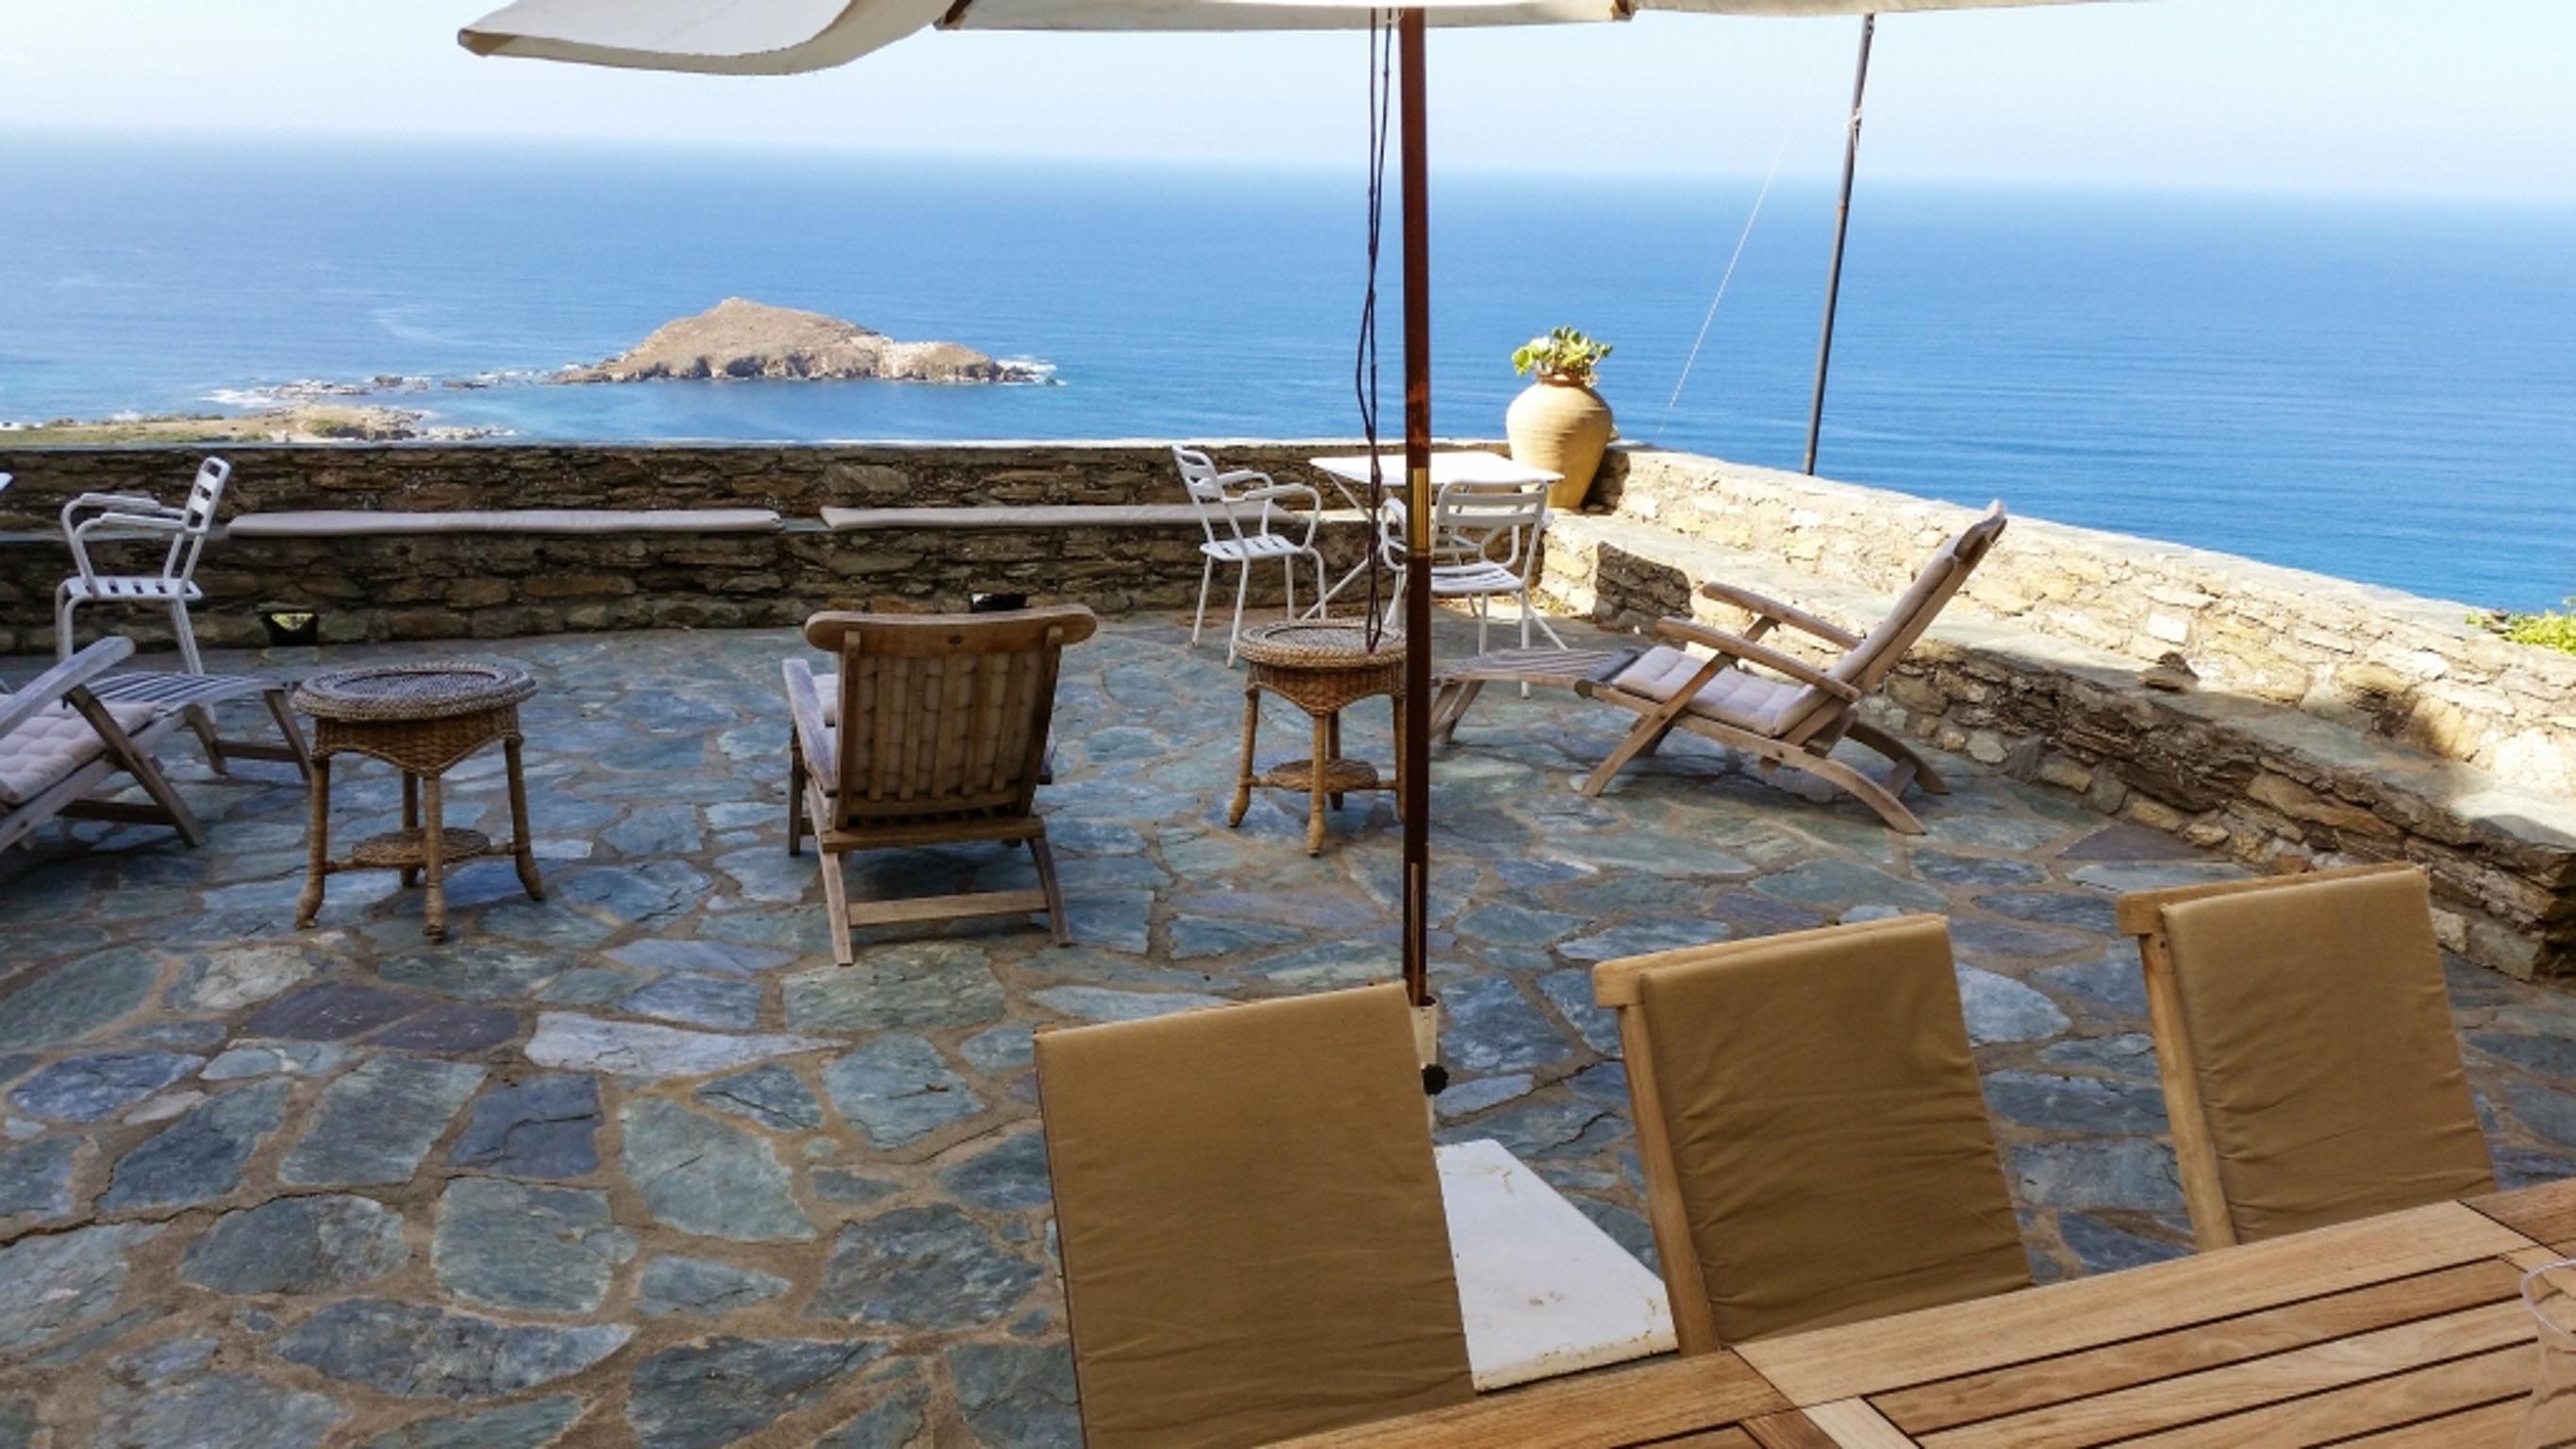 Maison de vacances Herrliches Haus mit neun Schlafzimmern und grandiosem Blick aufs Meer im hübschen Dörfchen (2202571), Centuri, Haute-Corse, Corse, France, image 1